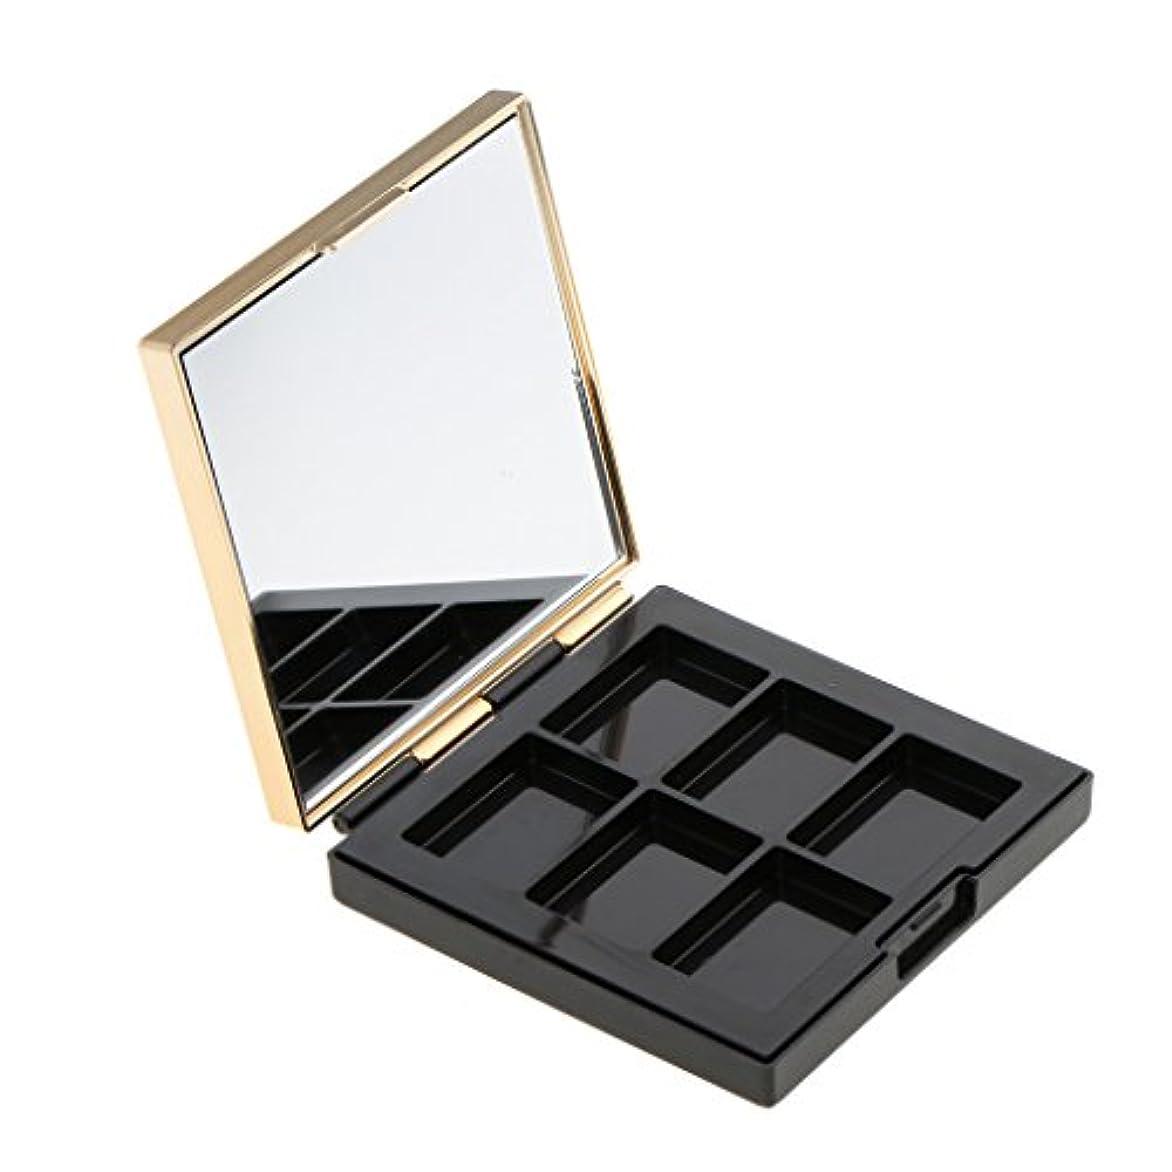 放置マスク好意Baosity 空パレット 収納ボックス 高品質 ABS製 DIY コスメ収納 メイクアップケース ミラー付き